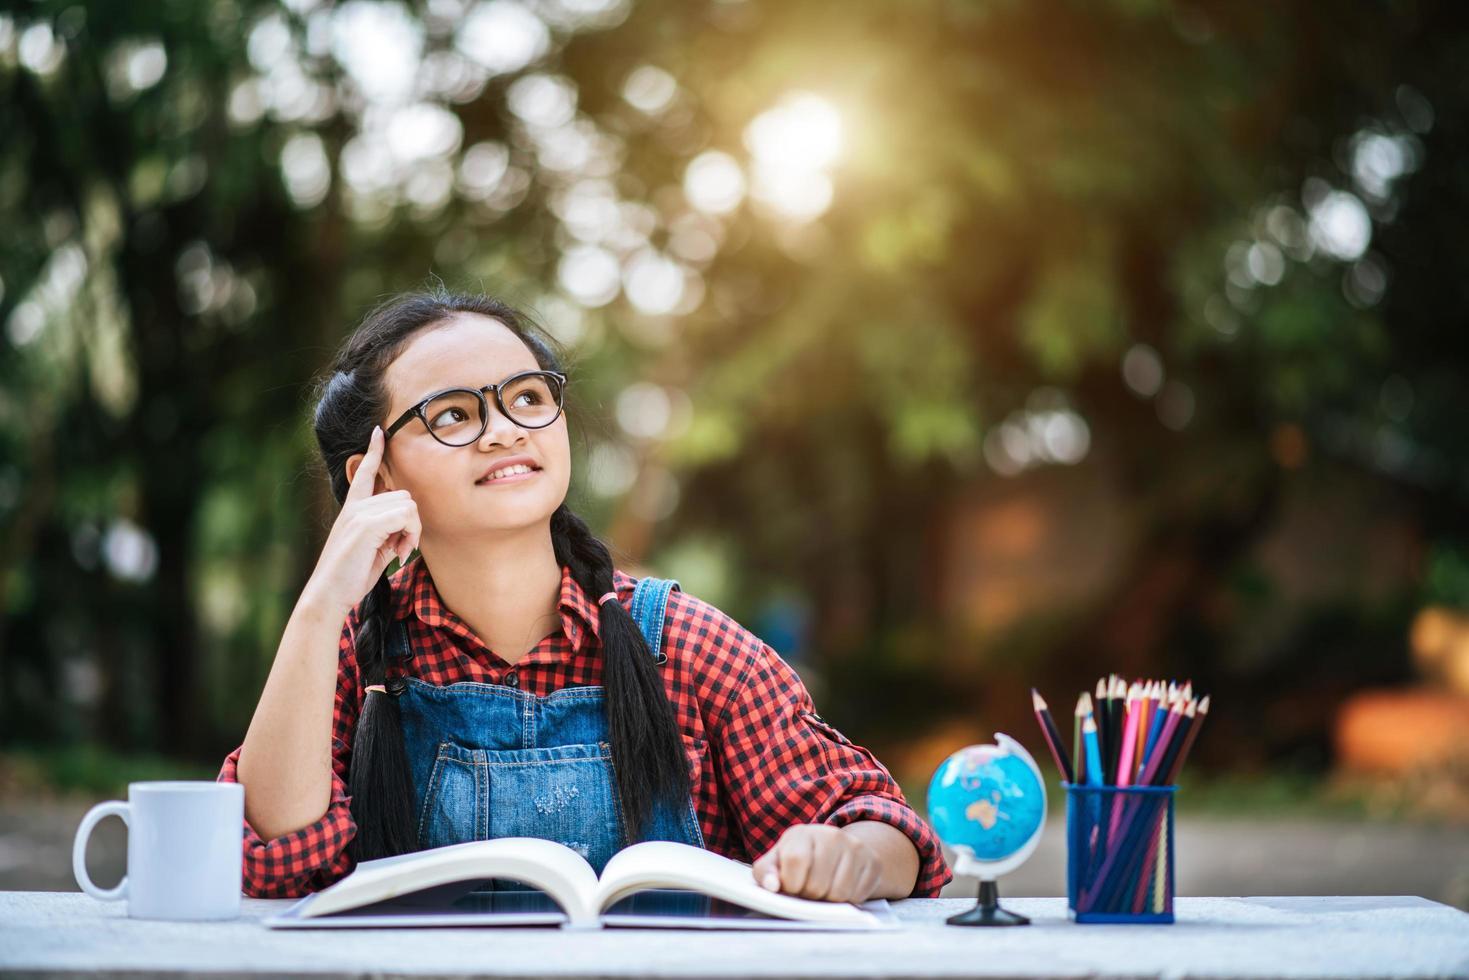 jeune fille lisant et pensant à l'extérieur photo